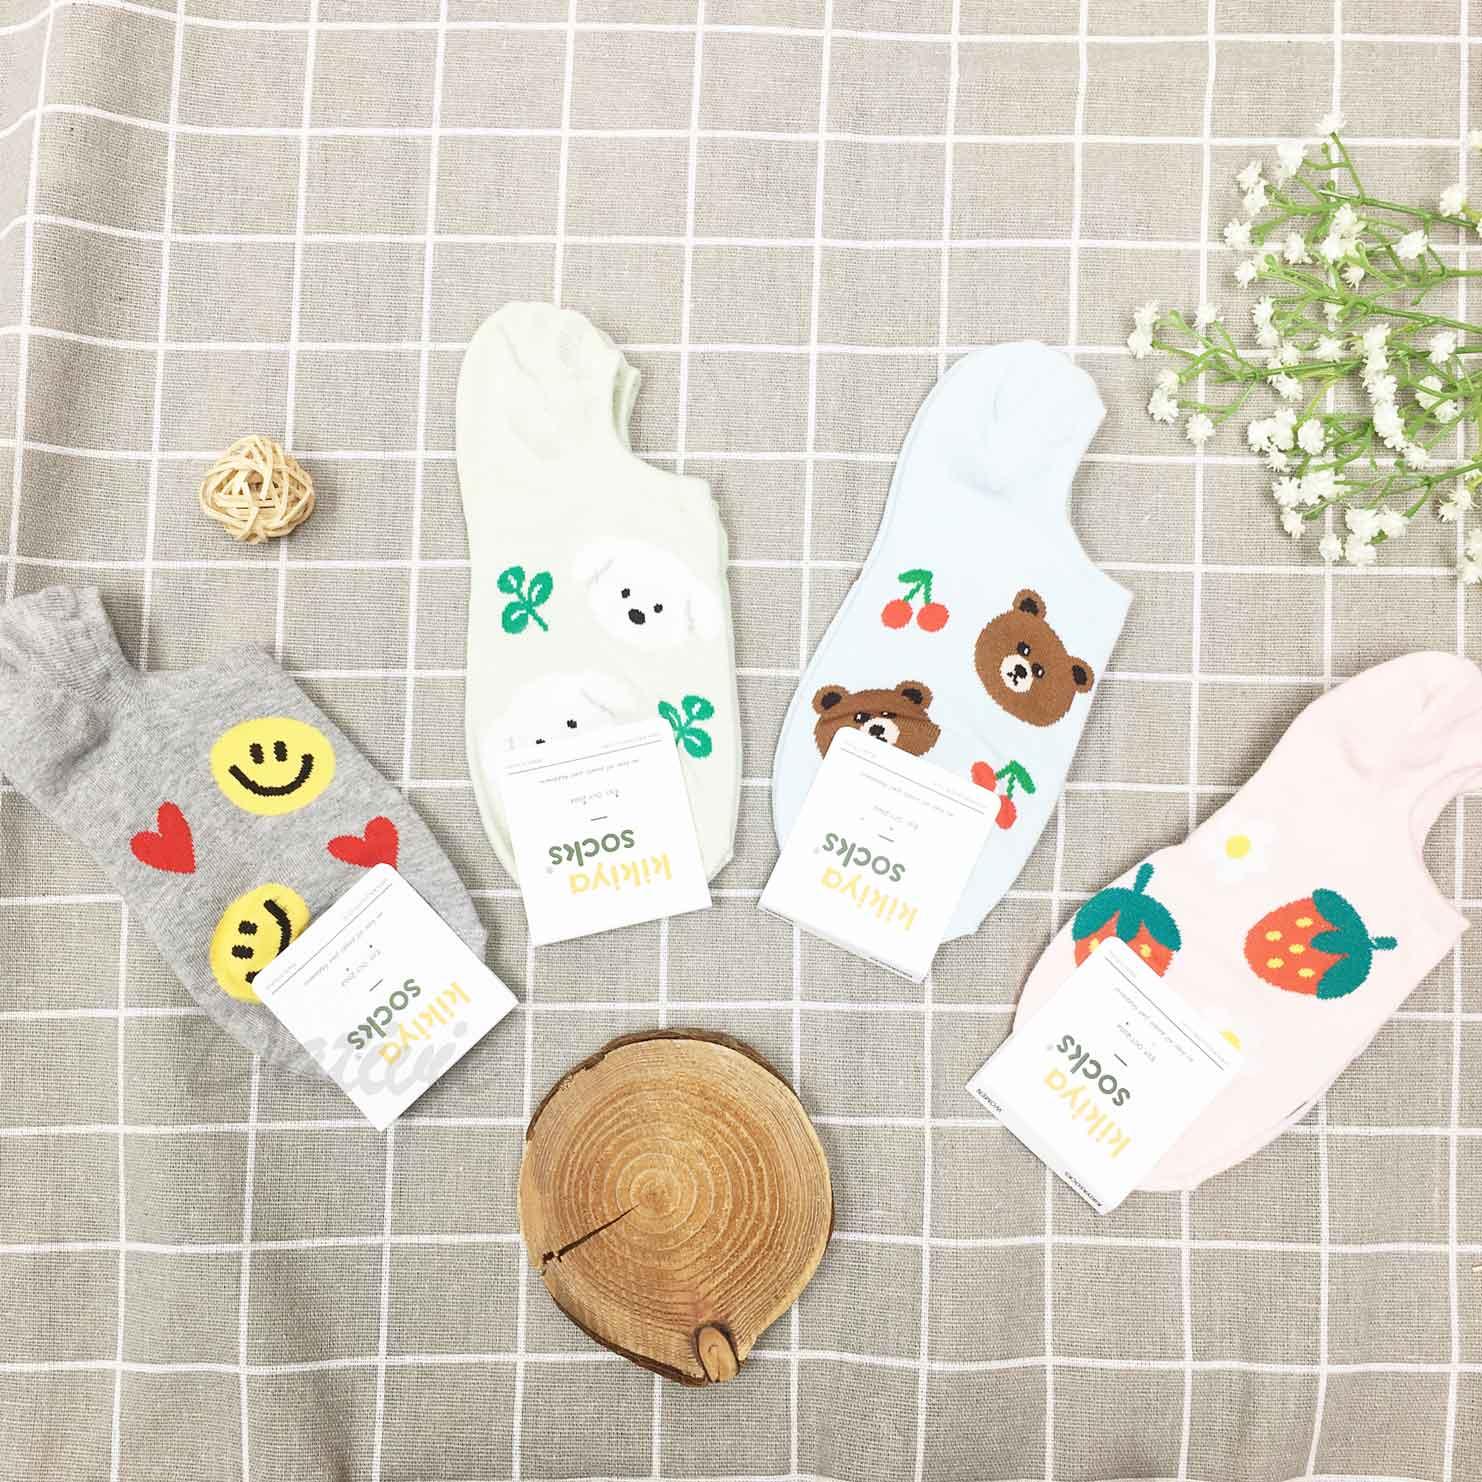 韓國襪 笑臉 愛心 草莓 花 熊 櫻桃 狗 隱形襪